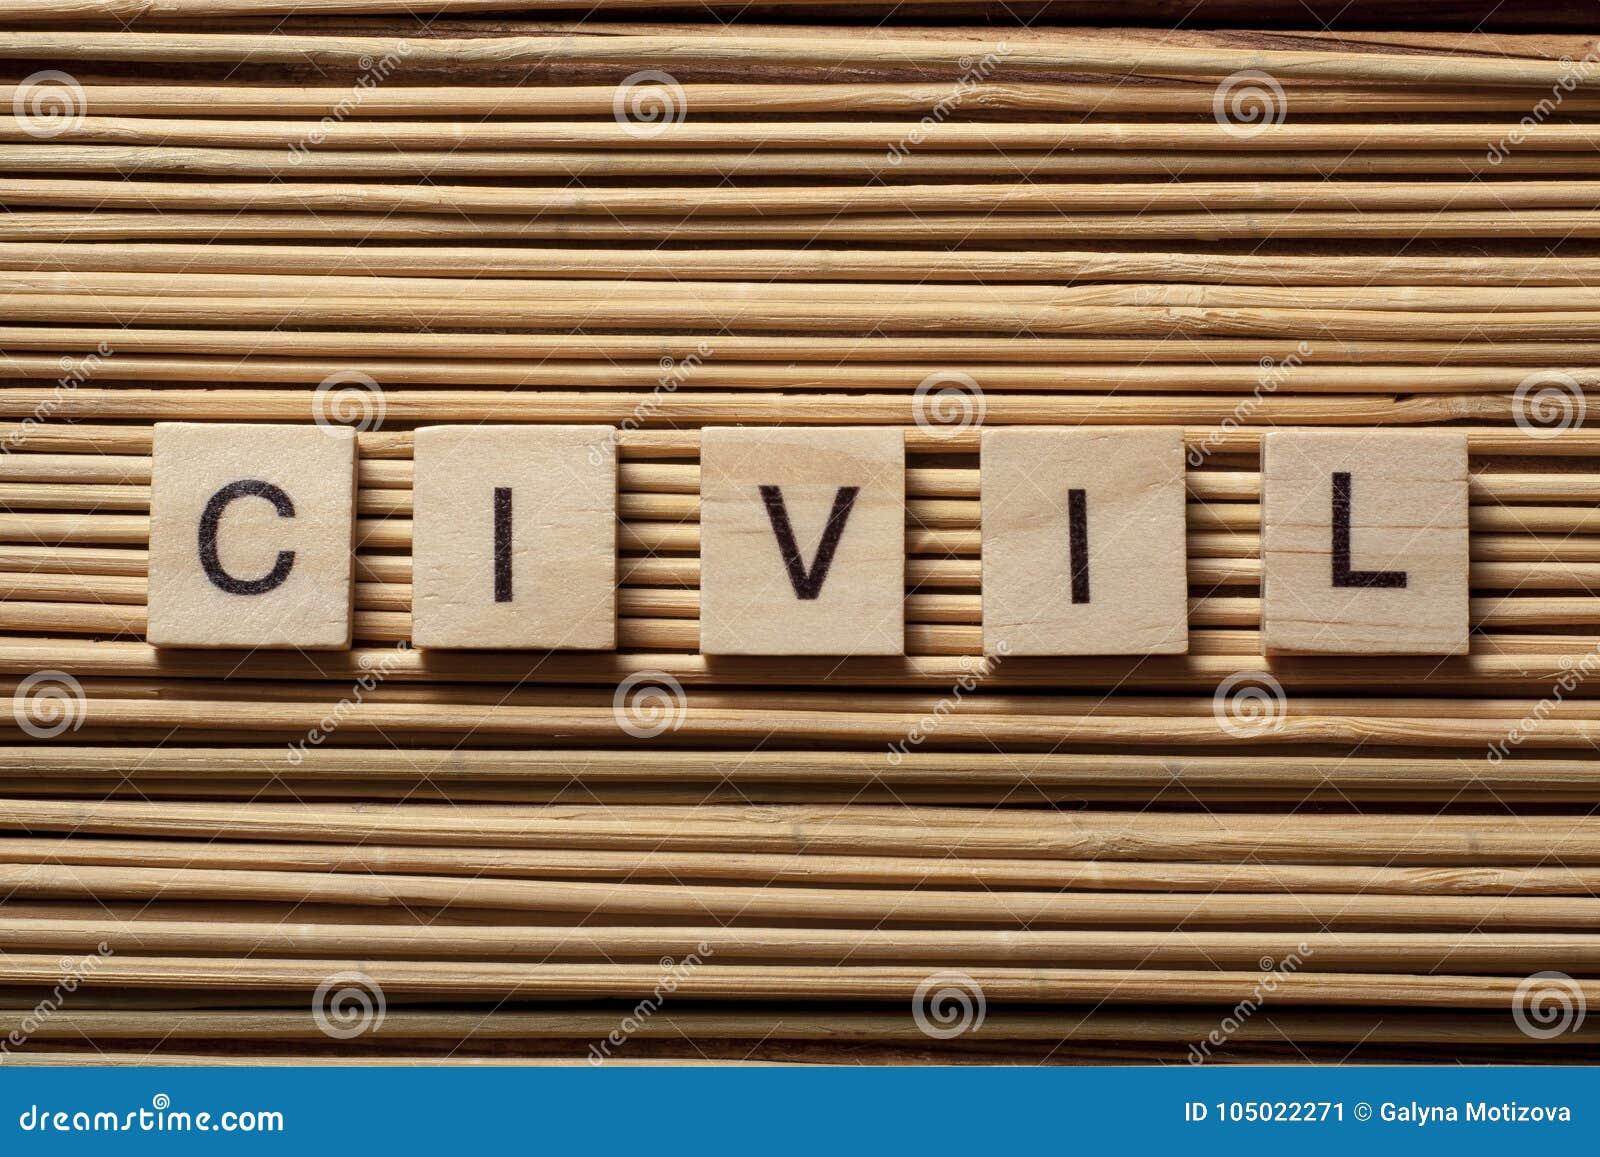 Exprima CIVIL nos cubos de madeira no fundo de madeira